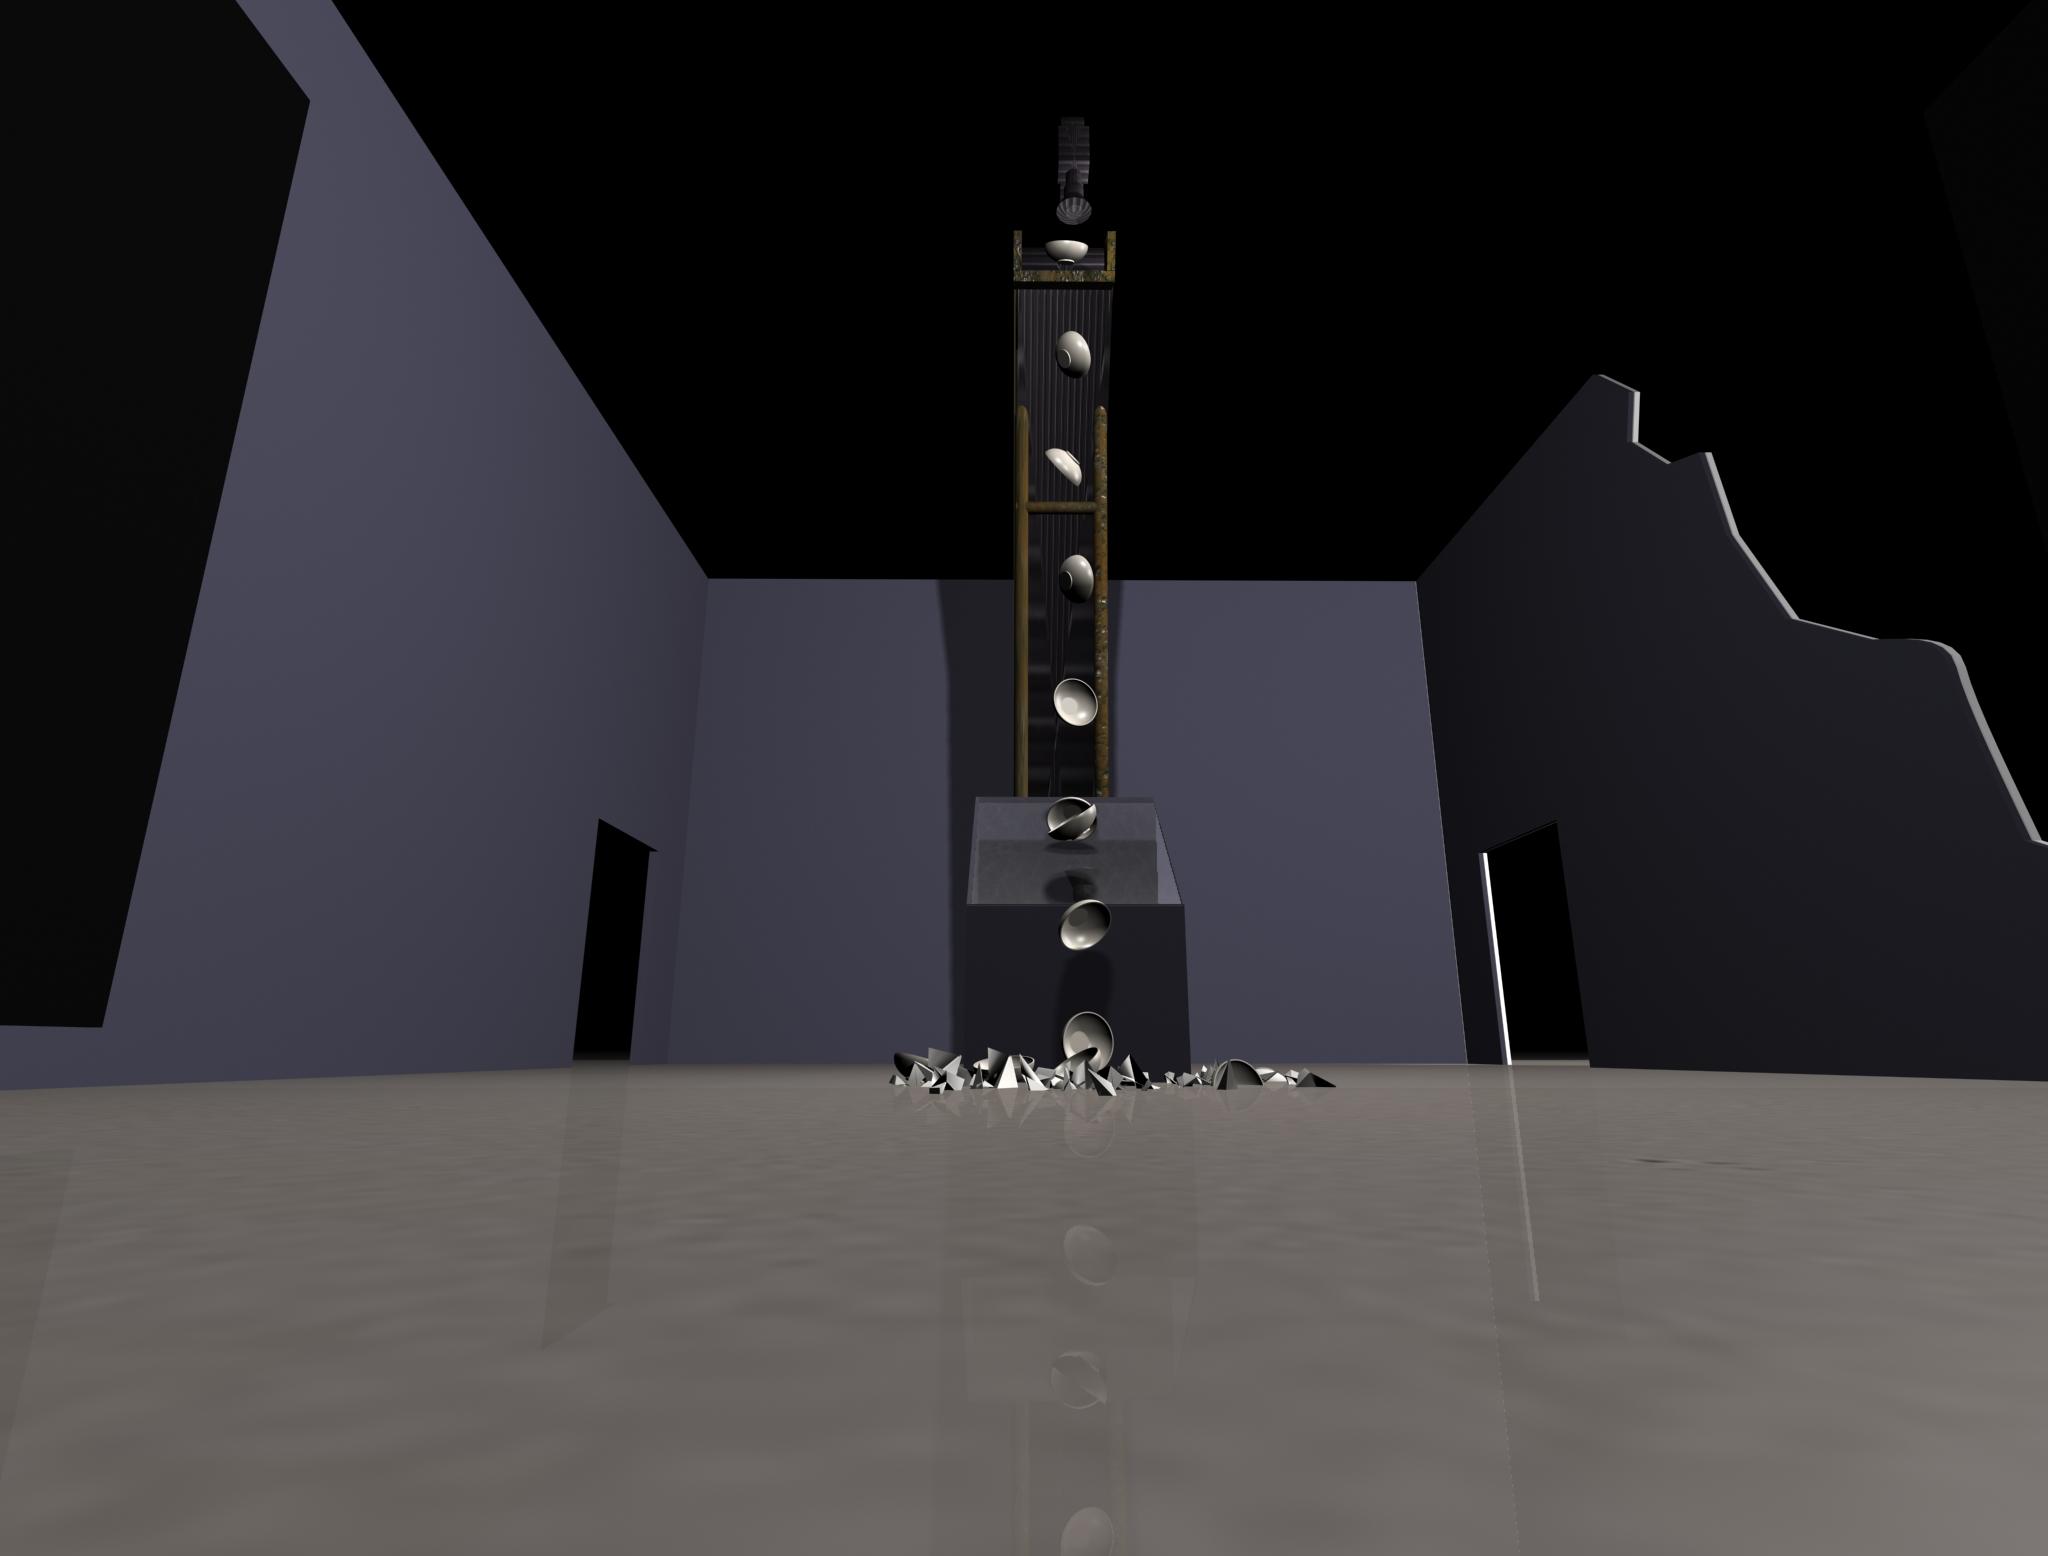 광주비엔날레 주제 우측면 - 복사본